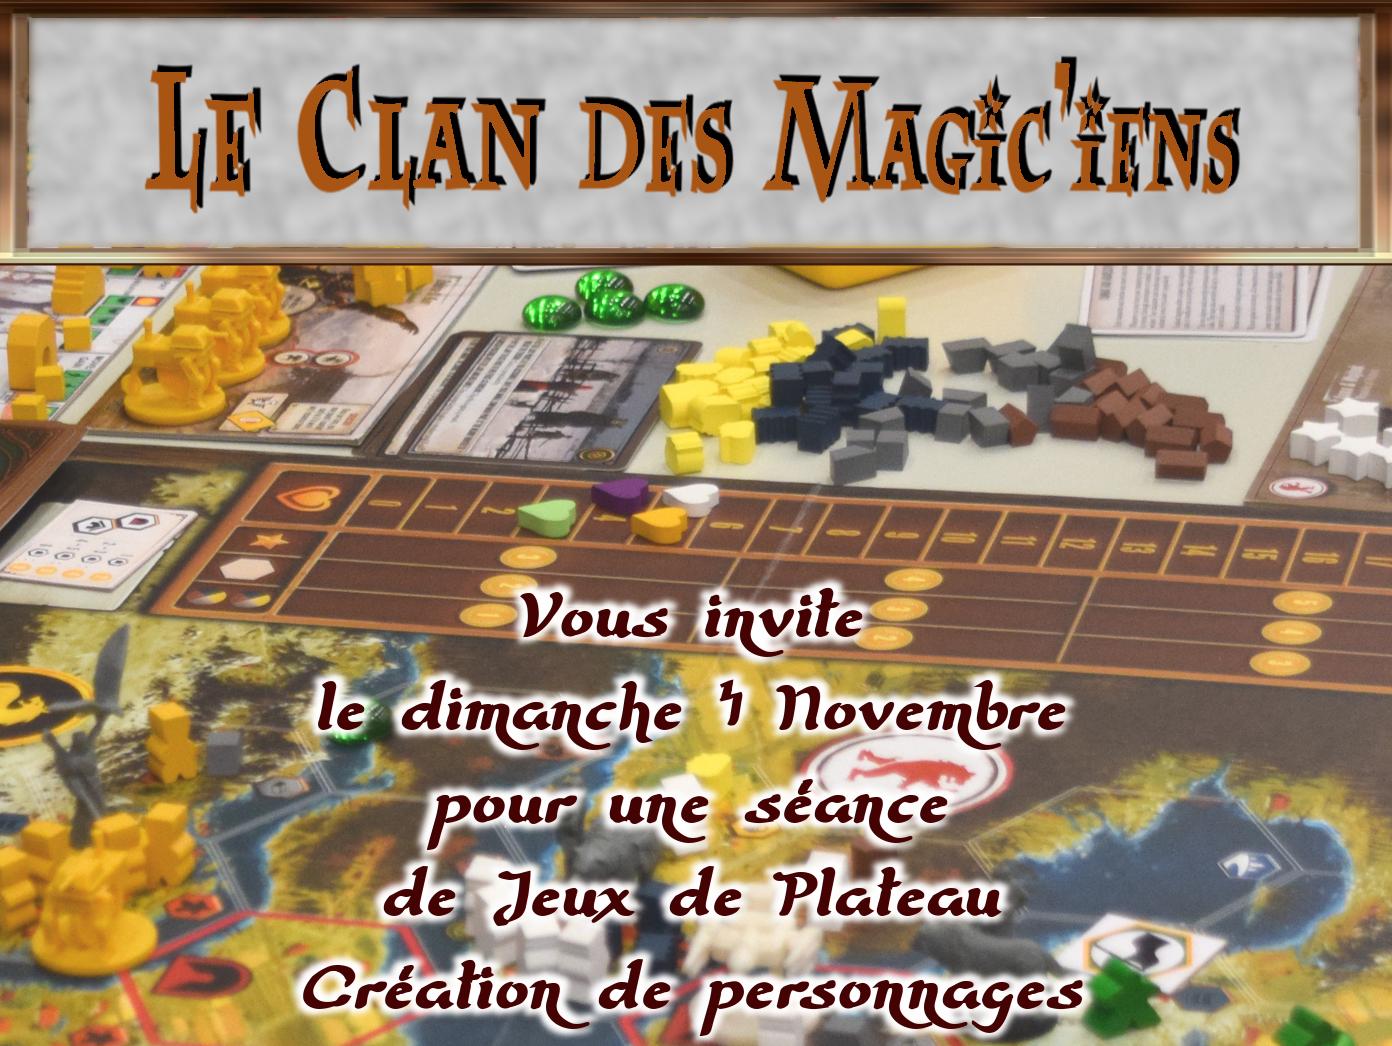 Dimanche 4 Novembre : Jeux de plateau et Créa de persos (à partir de 14h) MQPjO